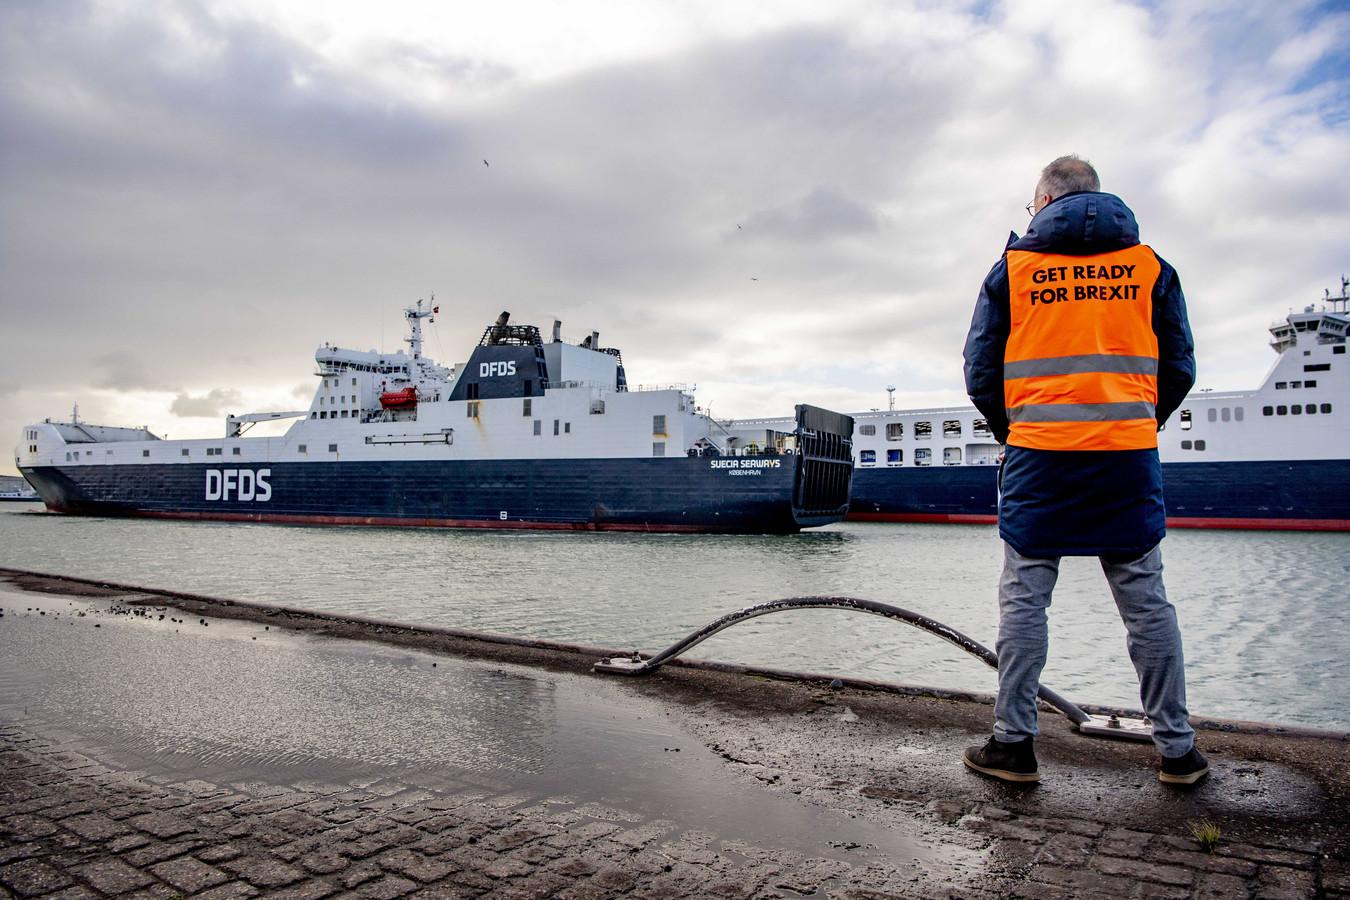 Foto ter illustratie. Vanaf 1 januari 2021 zijn er weer grenscontroles en douaneformaliteiten tussen het Verenigd Koninkrijk en Nederland.